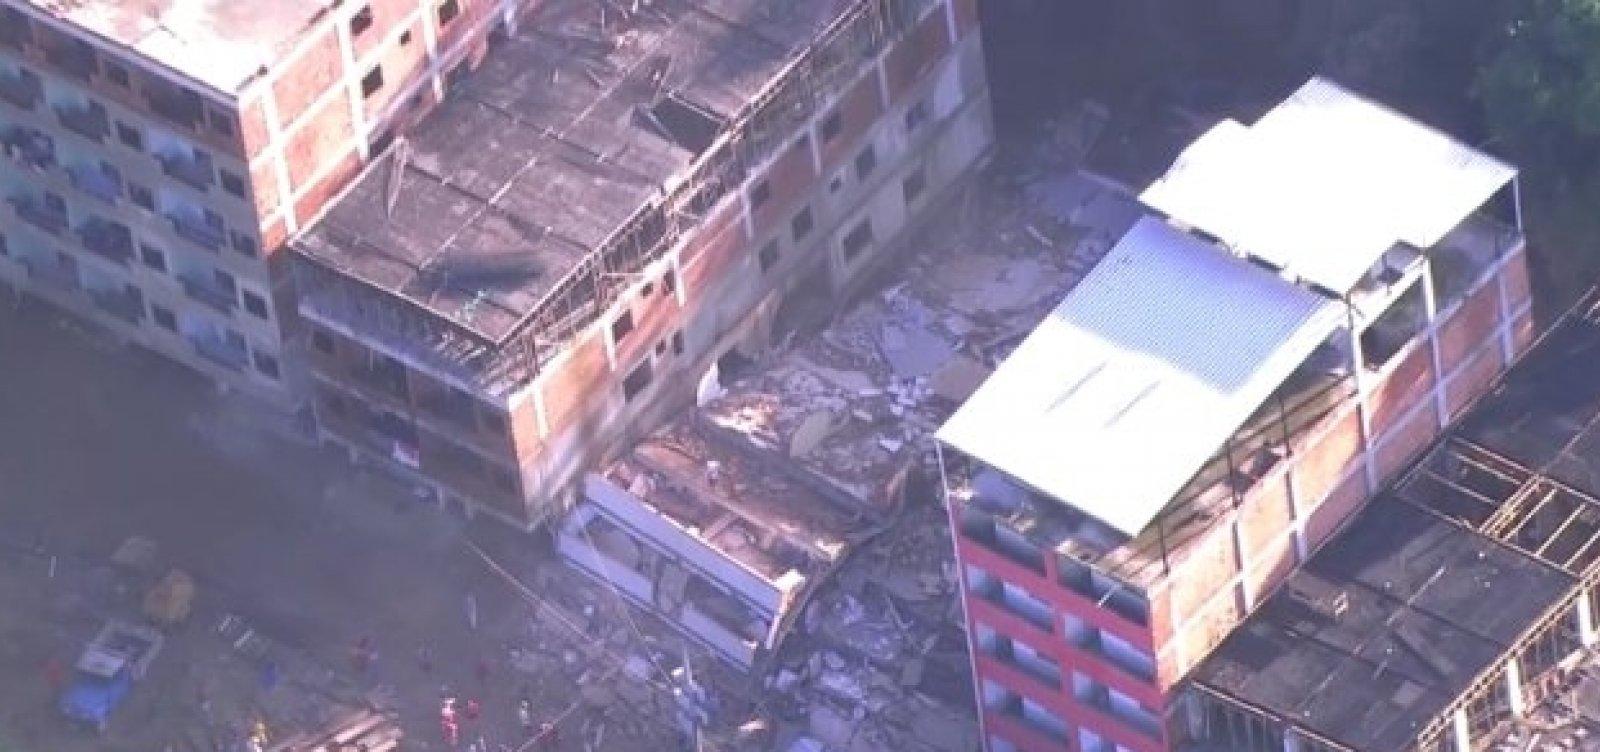 [Duas pessoas morrem em desabamento no Rio de Janeiro]